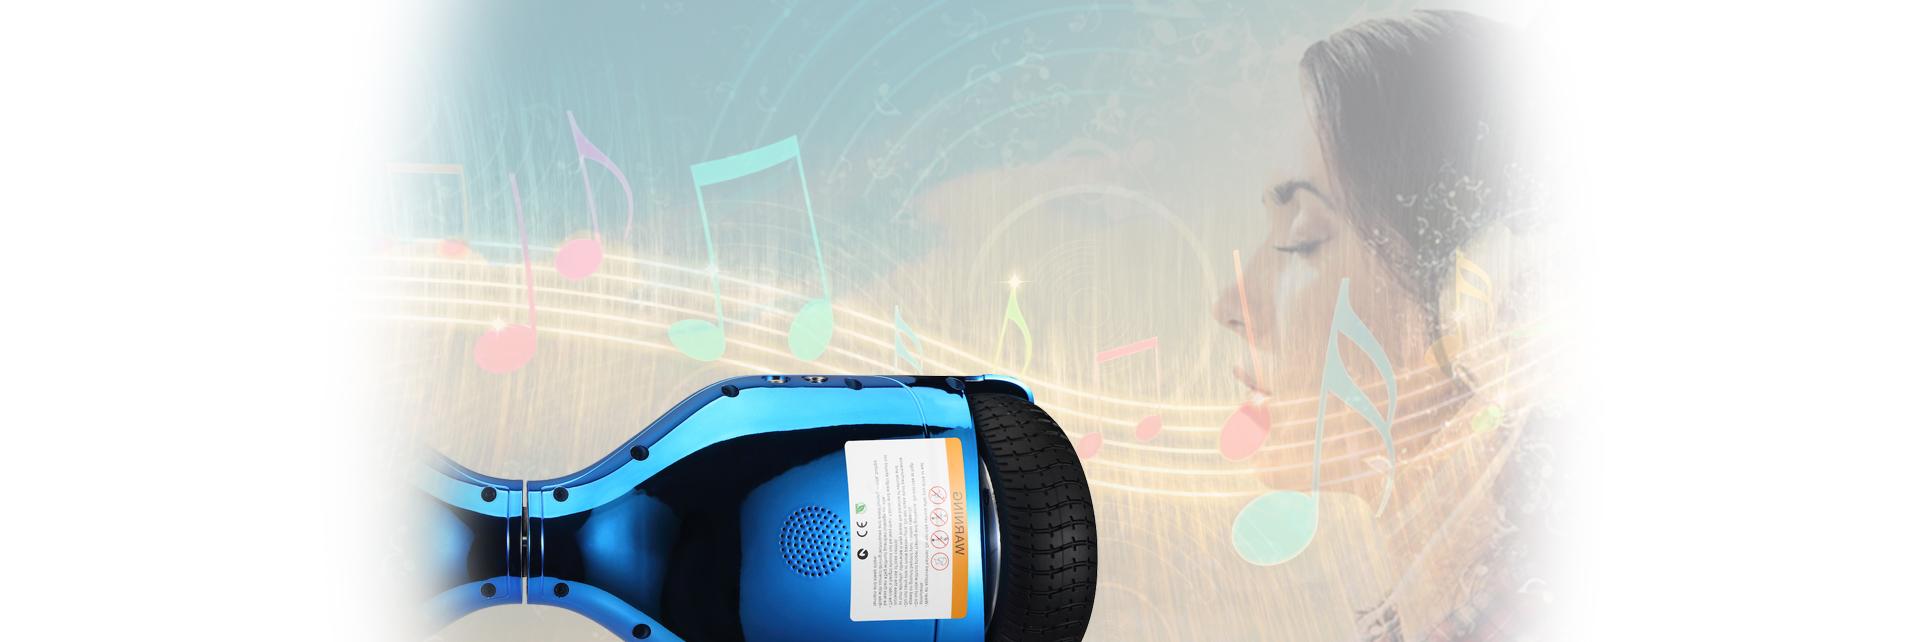 hoverboard speakers